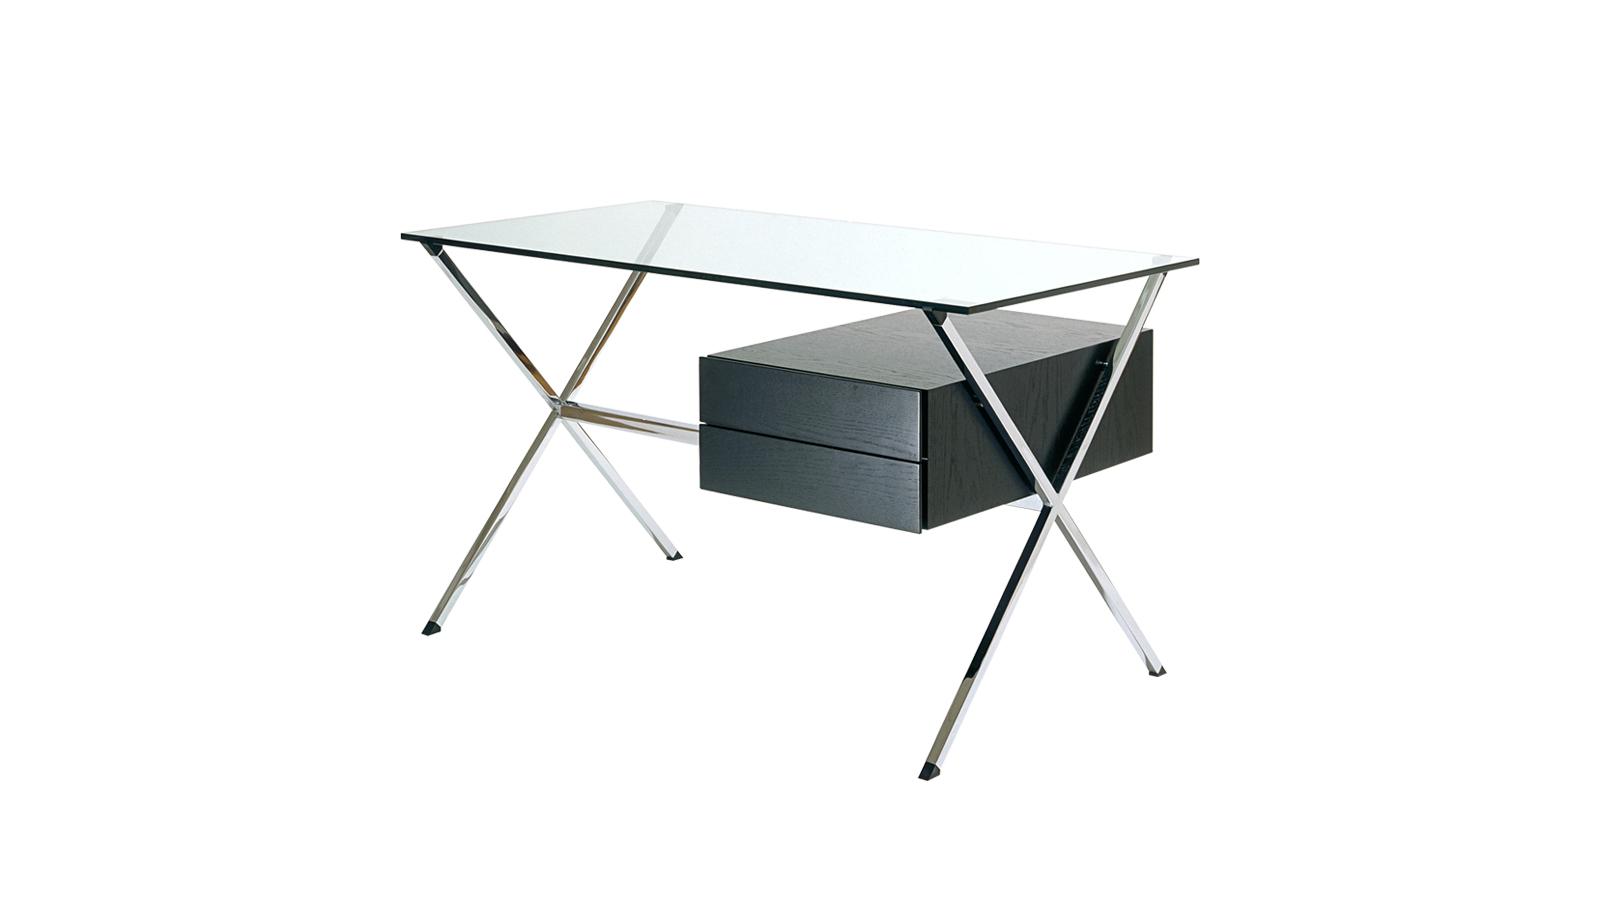 Franco Albini 1928-as, emblematikus asztala fémet, üveget és fát ötvöz egy tiszta szerkezetben, ahol nincs egyetlen felesleges vonal sem. A fém vázszerkezet az oldalakon x-alakban nyílik lábakká, melyek köz egy összekötő rúd úgy tartja a kis fiókos elemet, mintha lebegne. Az asztal hűen tükrözi Albini racionalista designját, pontos egyensújt tartó, minimalista filozófiáját, ahol a maga az anyag, az alkotó elem kerül reflektorfénybe.